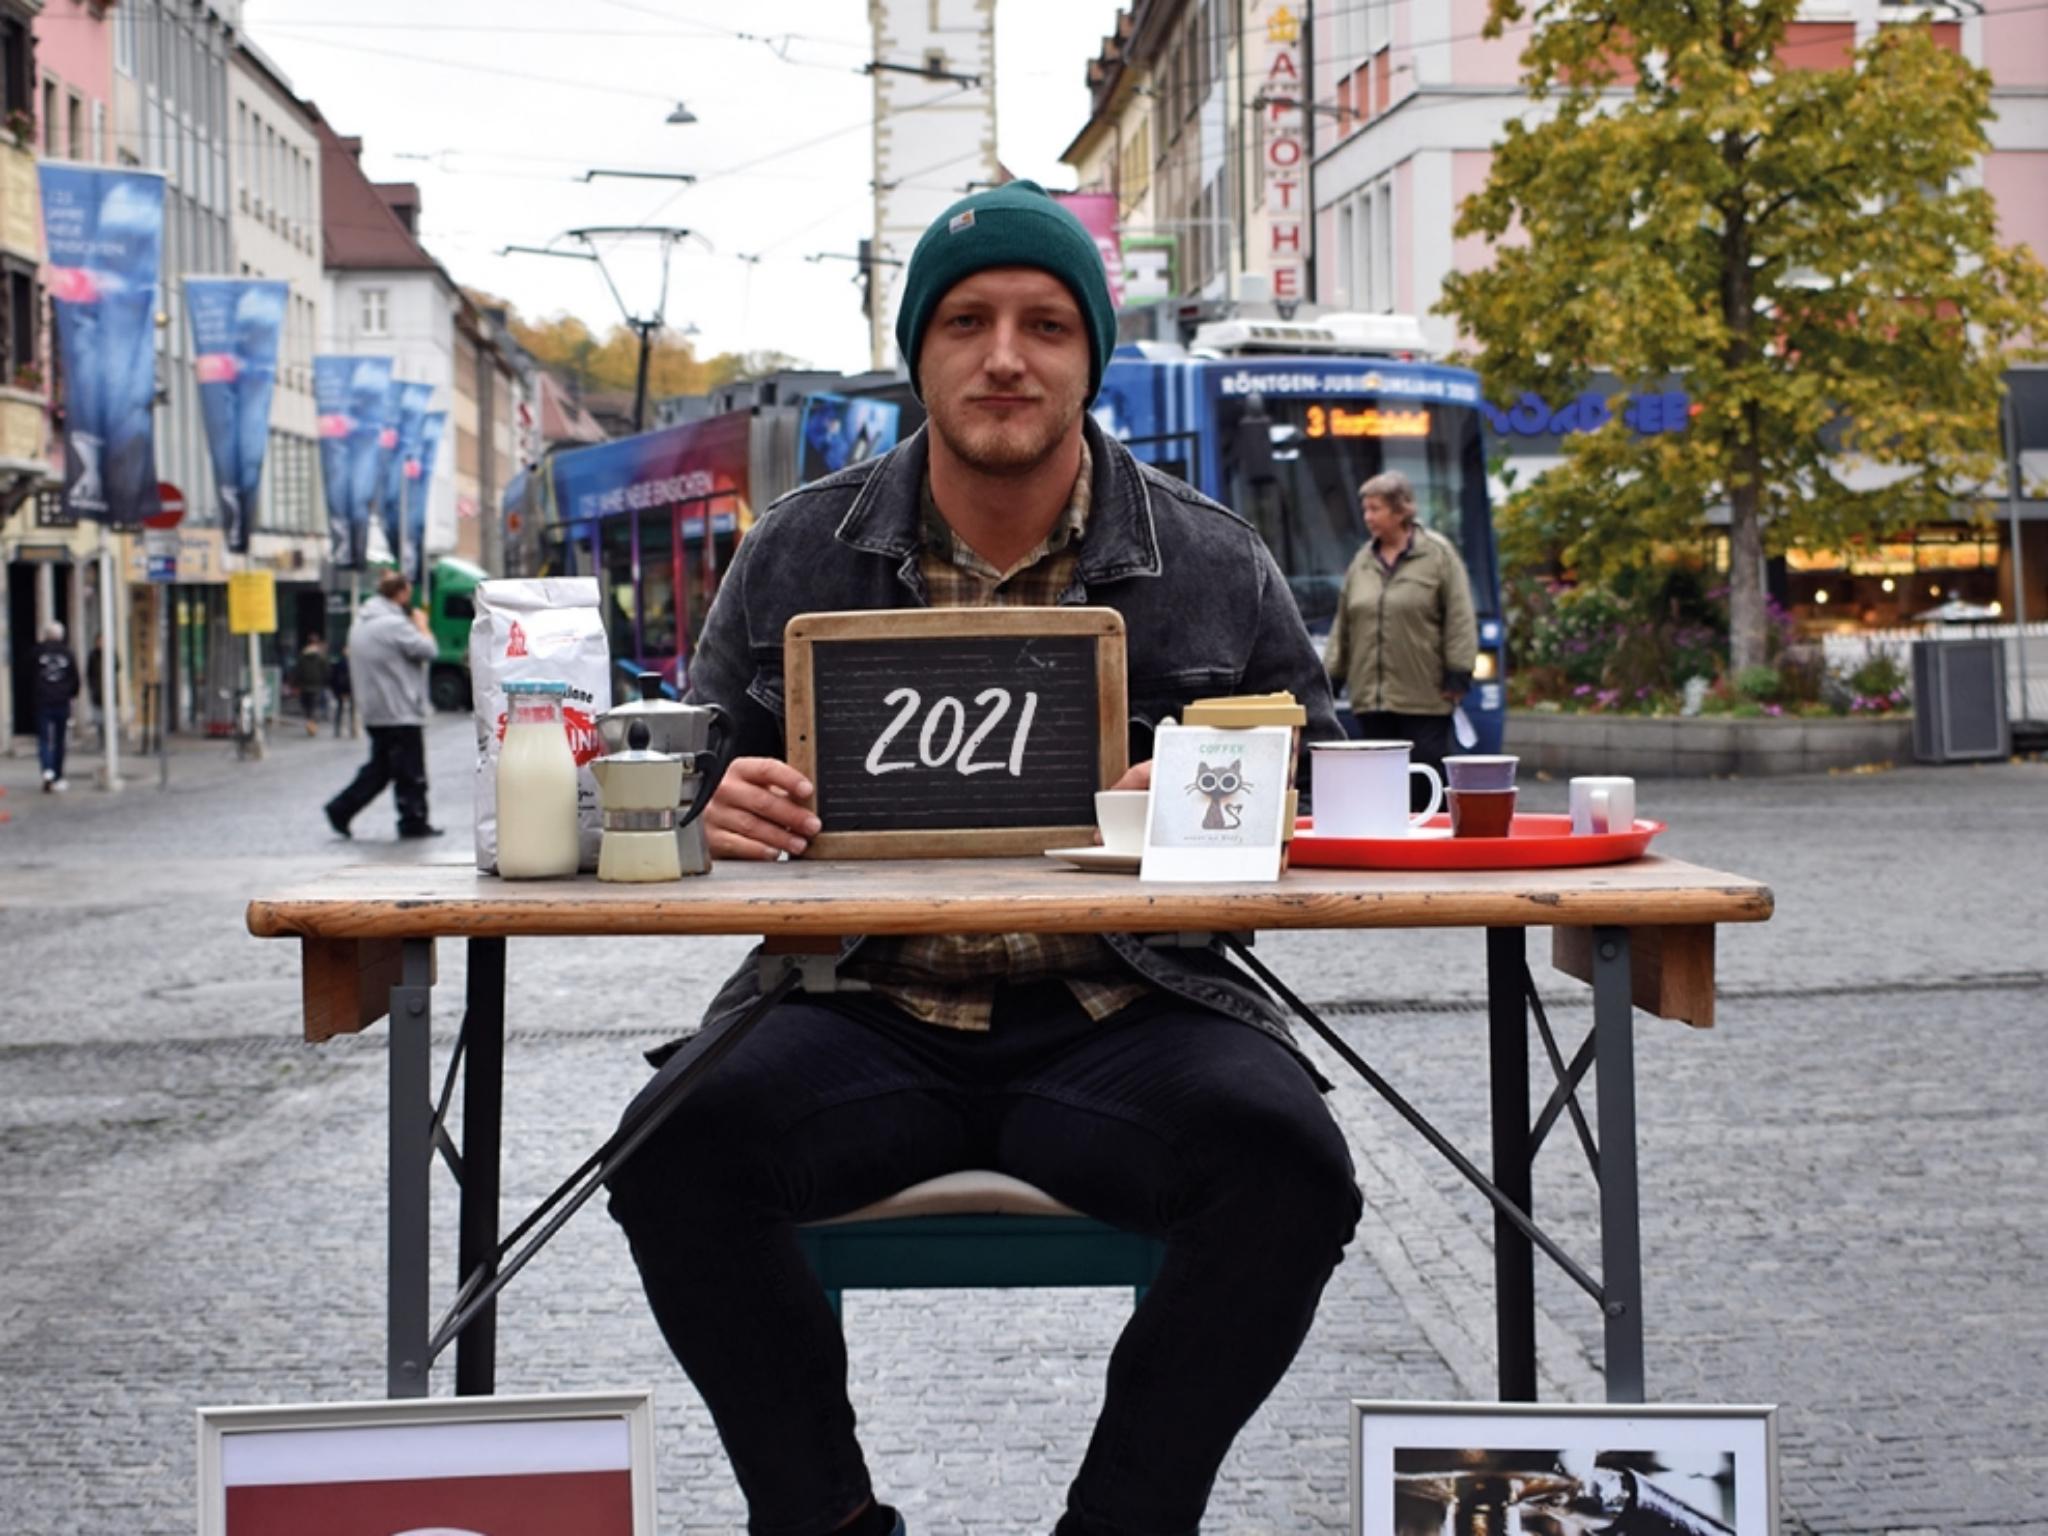 Steven Henze möchte im Herzen der Würzburger Innenstadt ein inklusives Café eröffnen. Foto: Steven Henze